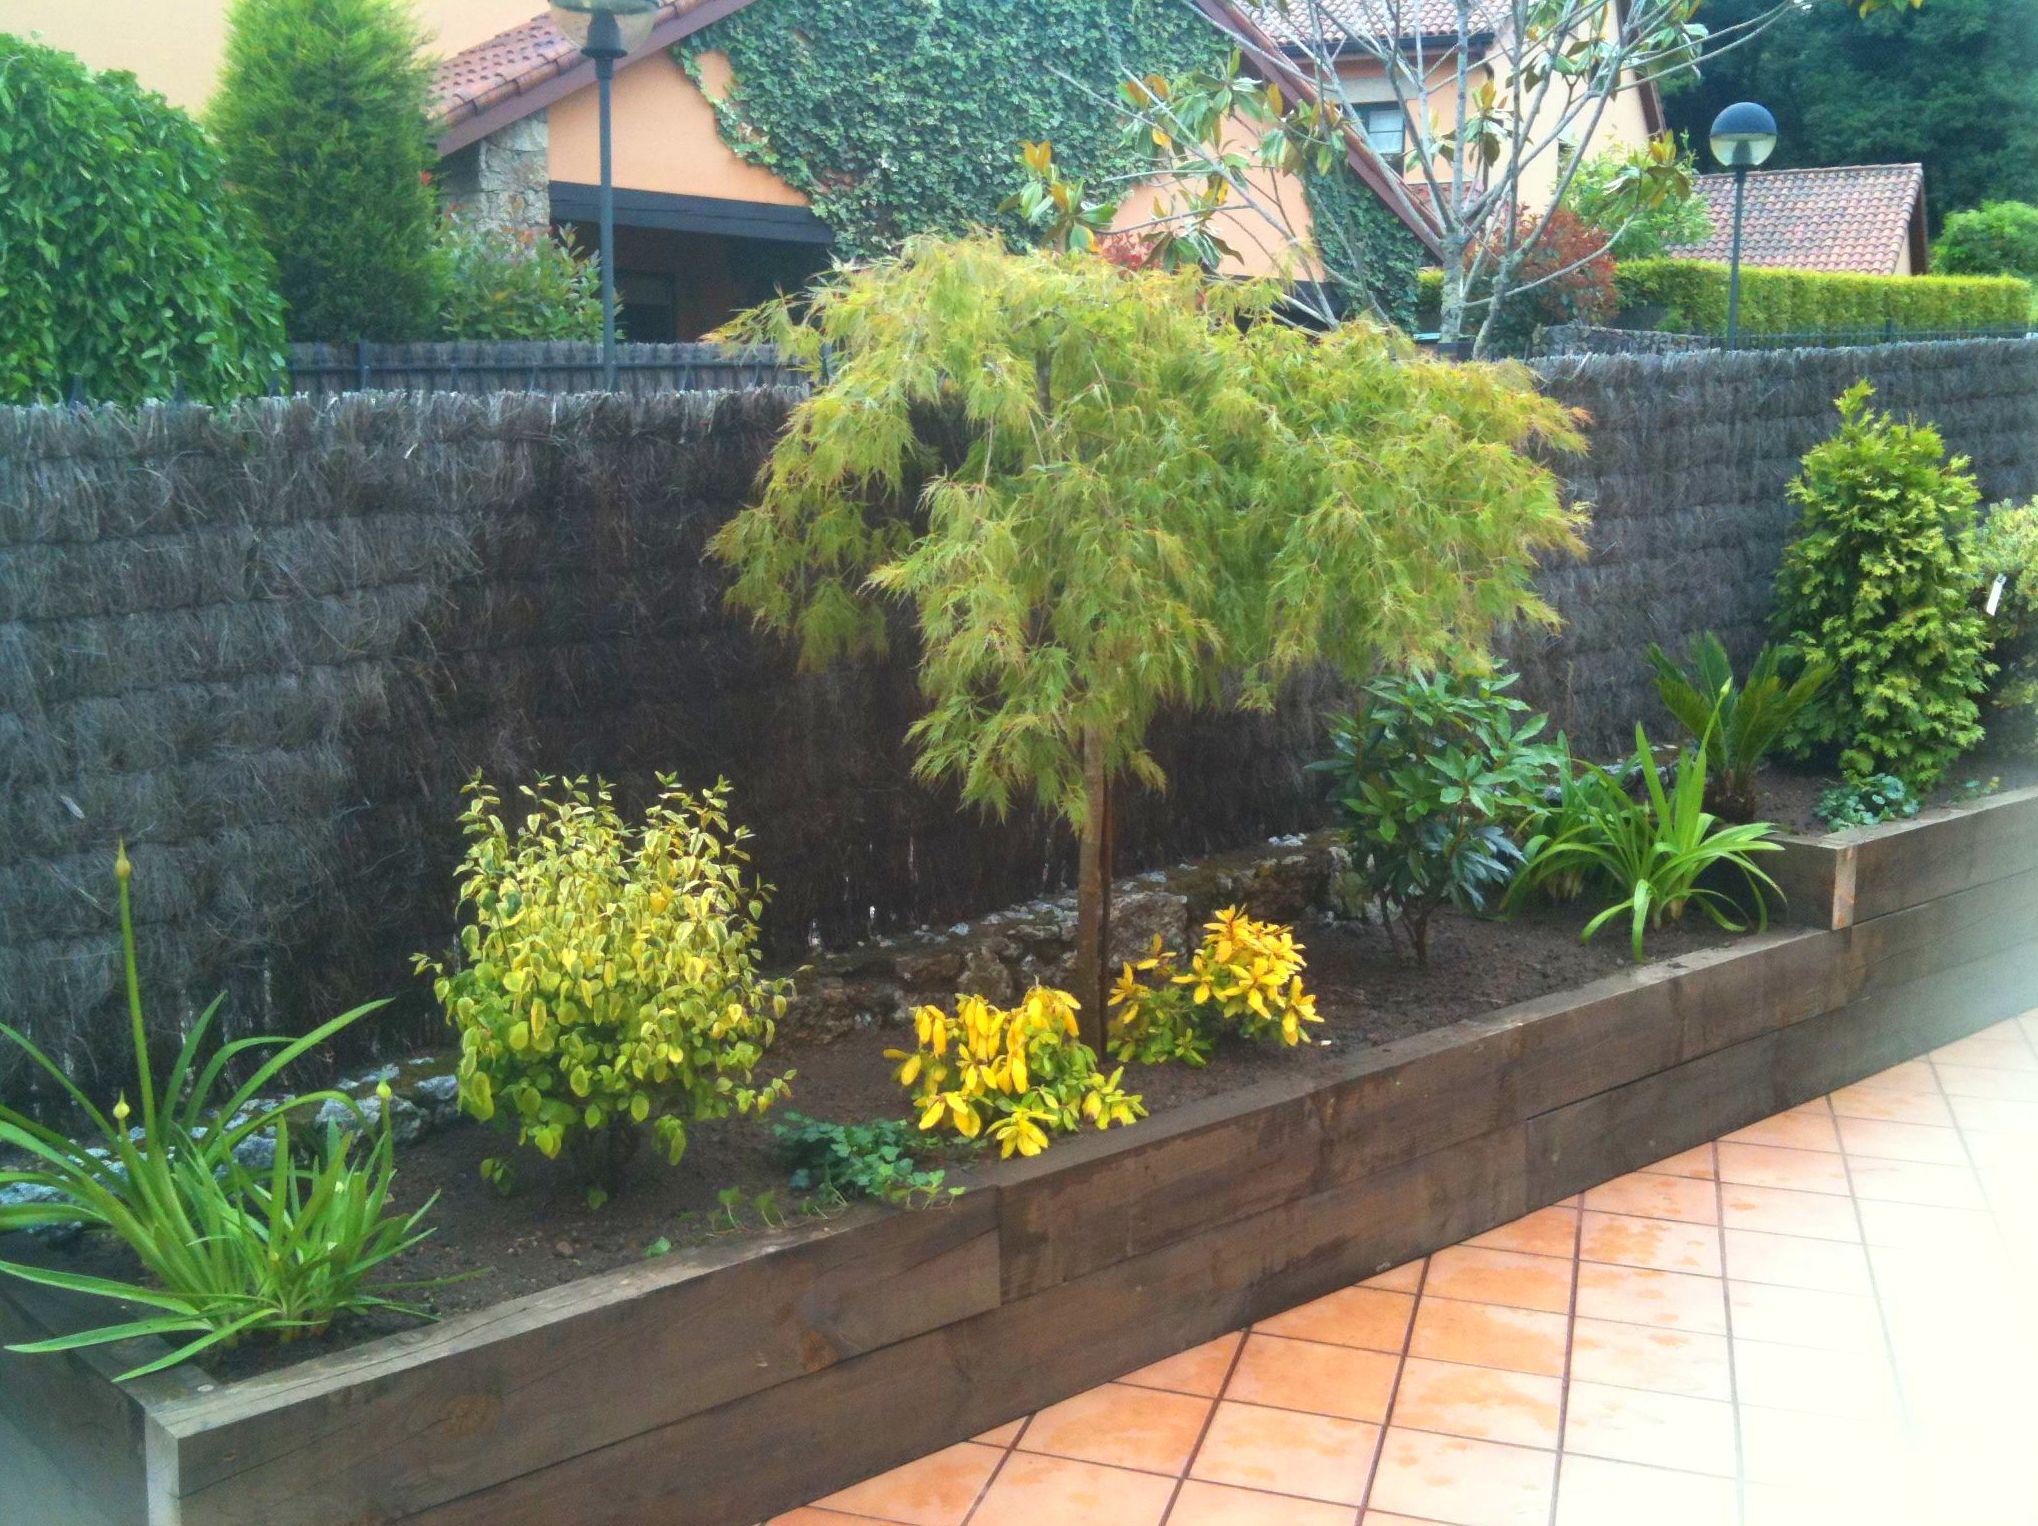 Foto 10 de jardiner a en carral jardiner a rtabro - Imagenes de jardineras ...